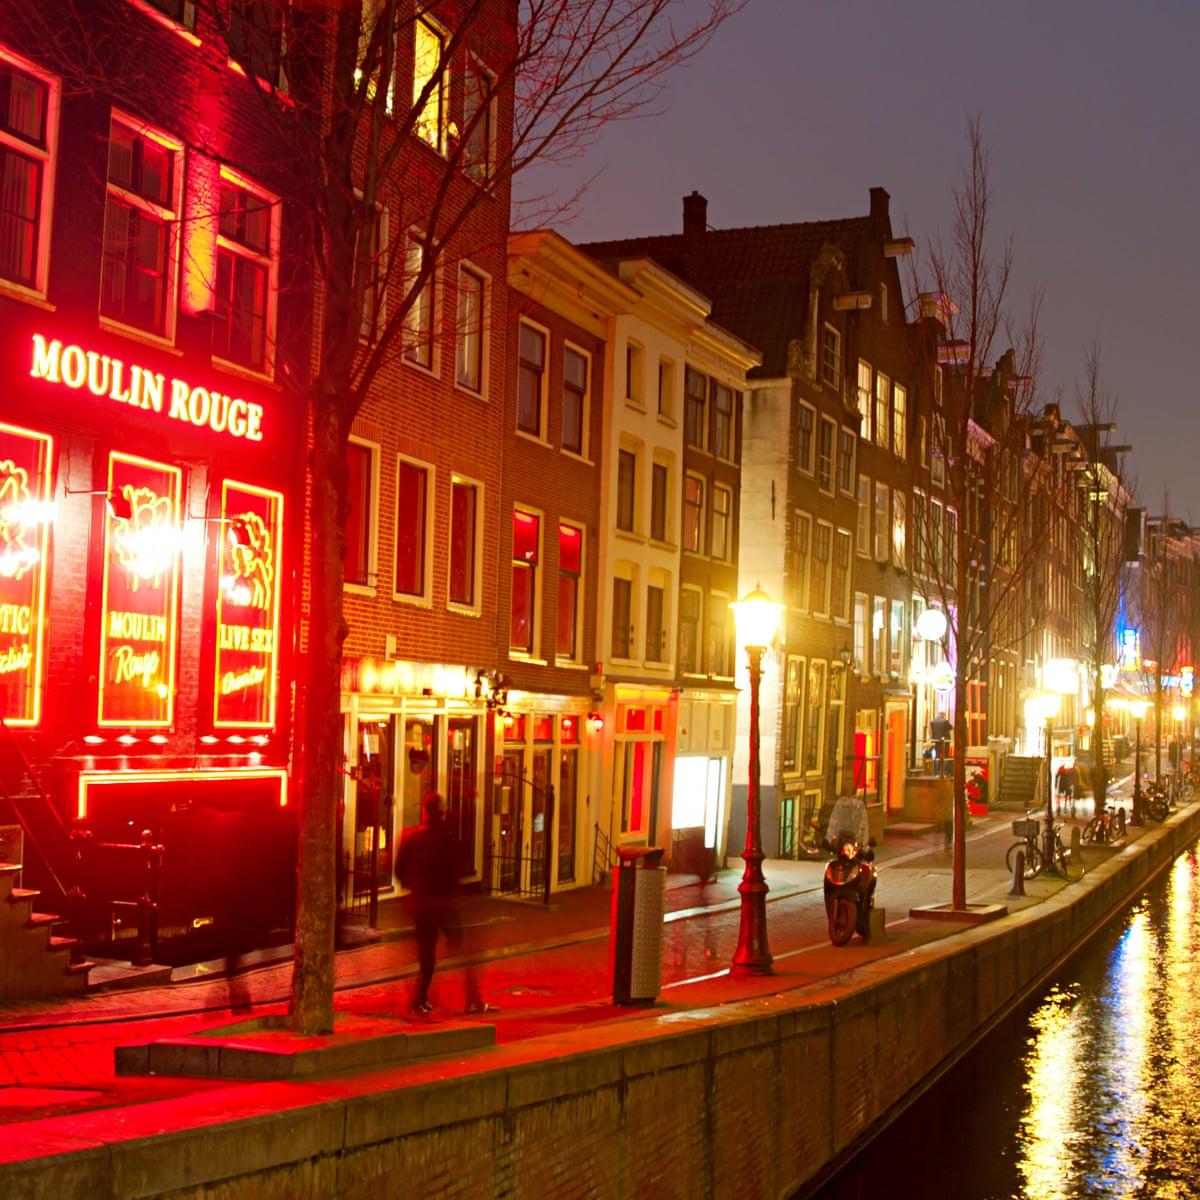 Girls amsterdam 🎉 redlight Search results